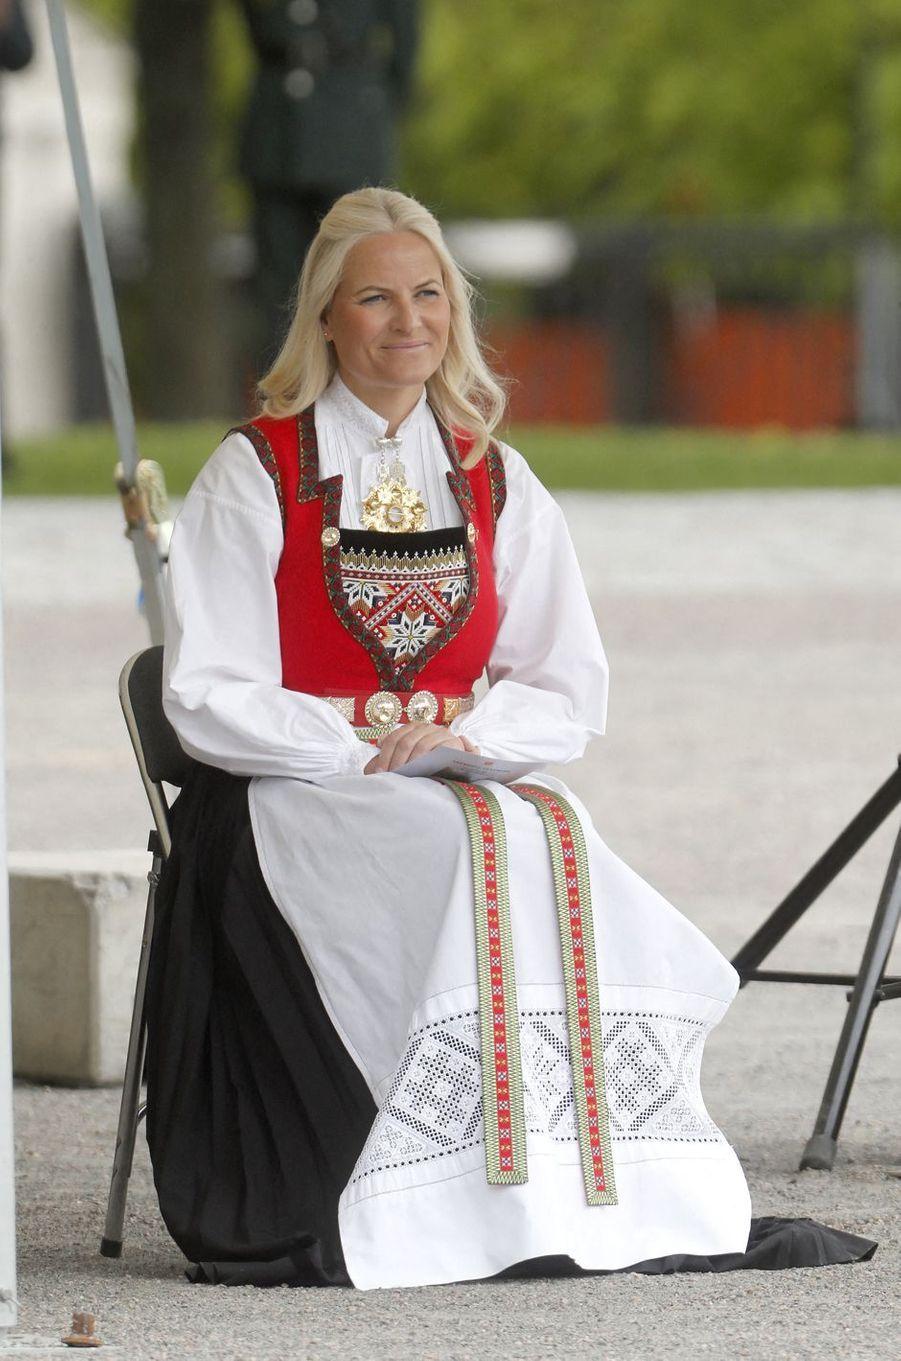 La princesse Mette-Marit de Norvège à Oslo, le 8 mai 2020